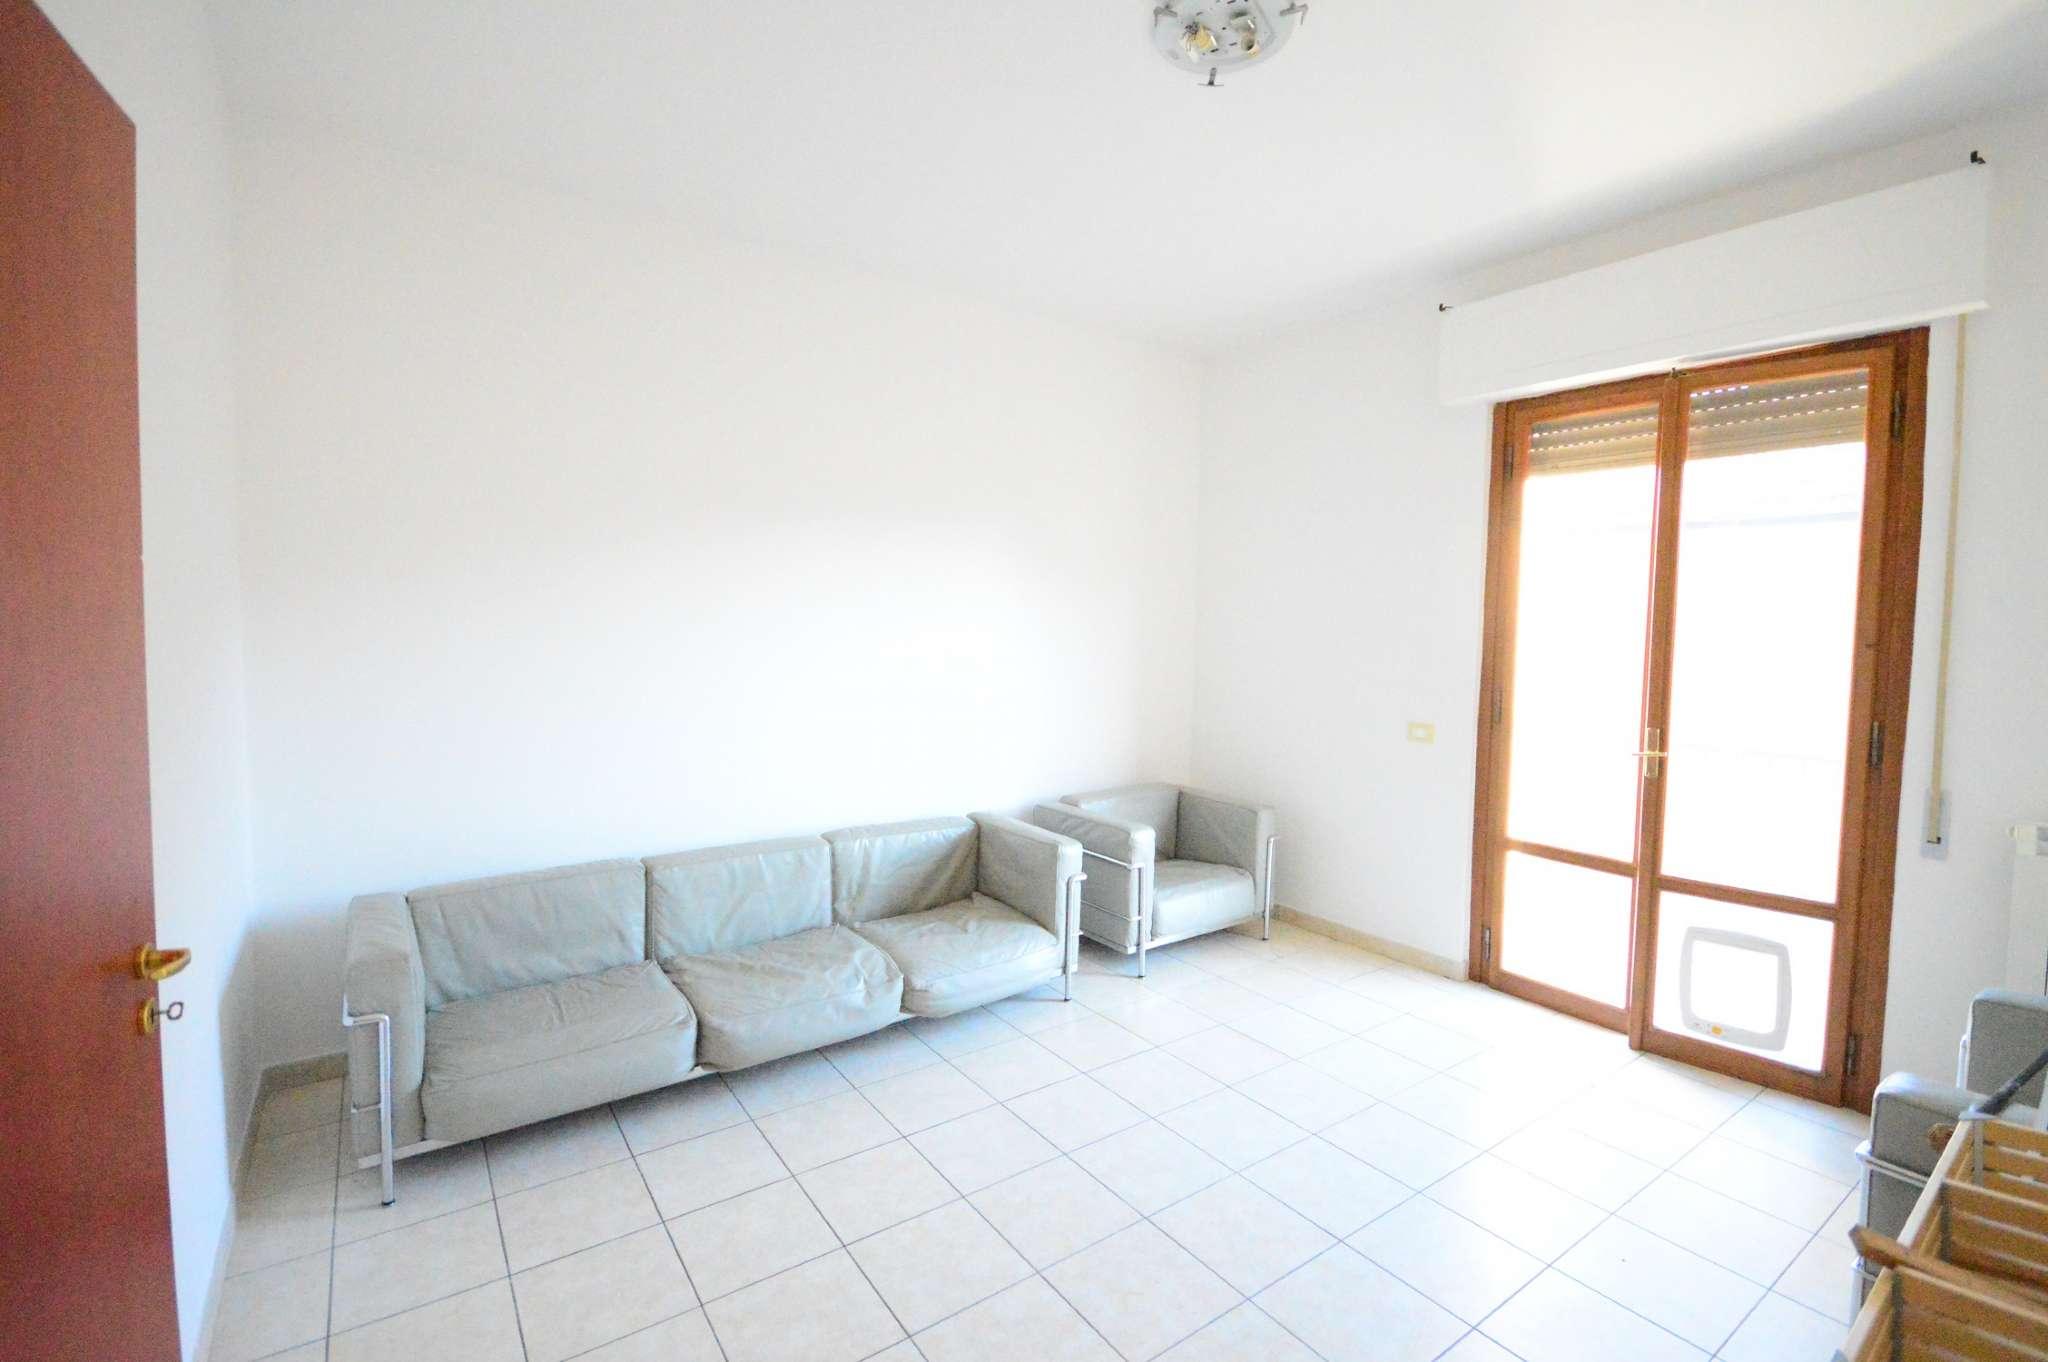 Appartamento in vendita a Montevarchi, 4 locali, prezzo € 125.000 | CambioCasa.it